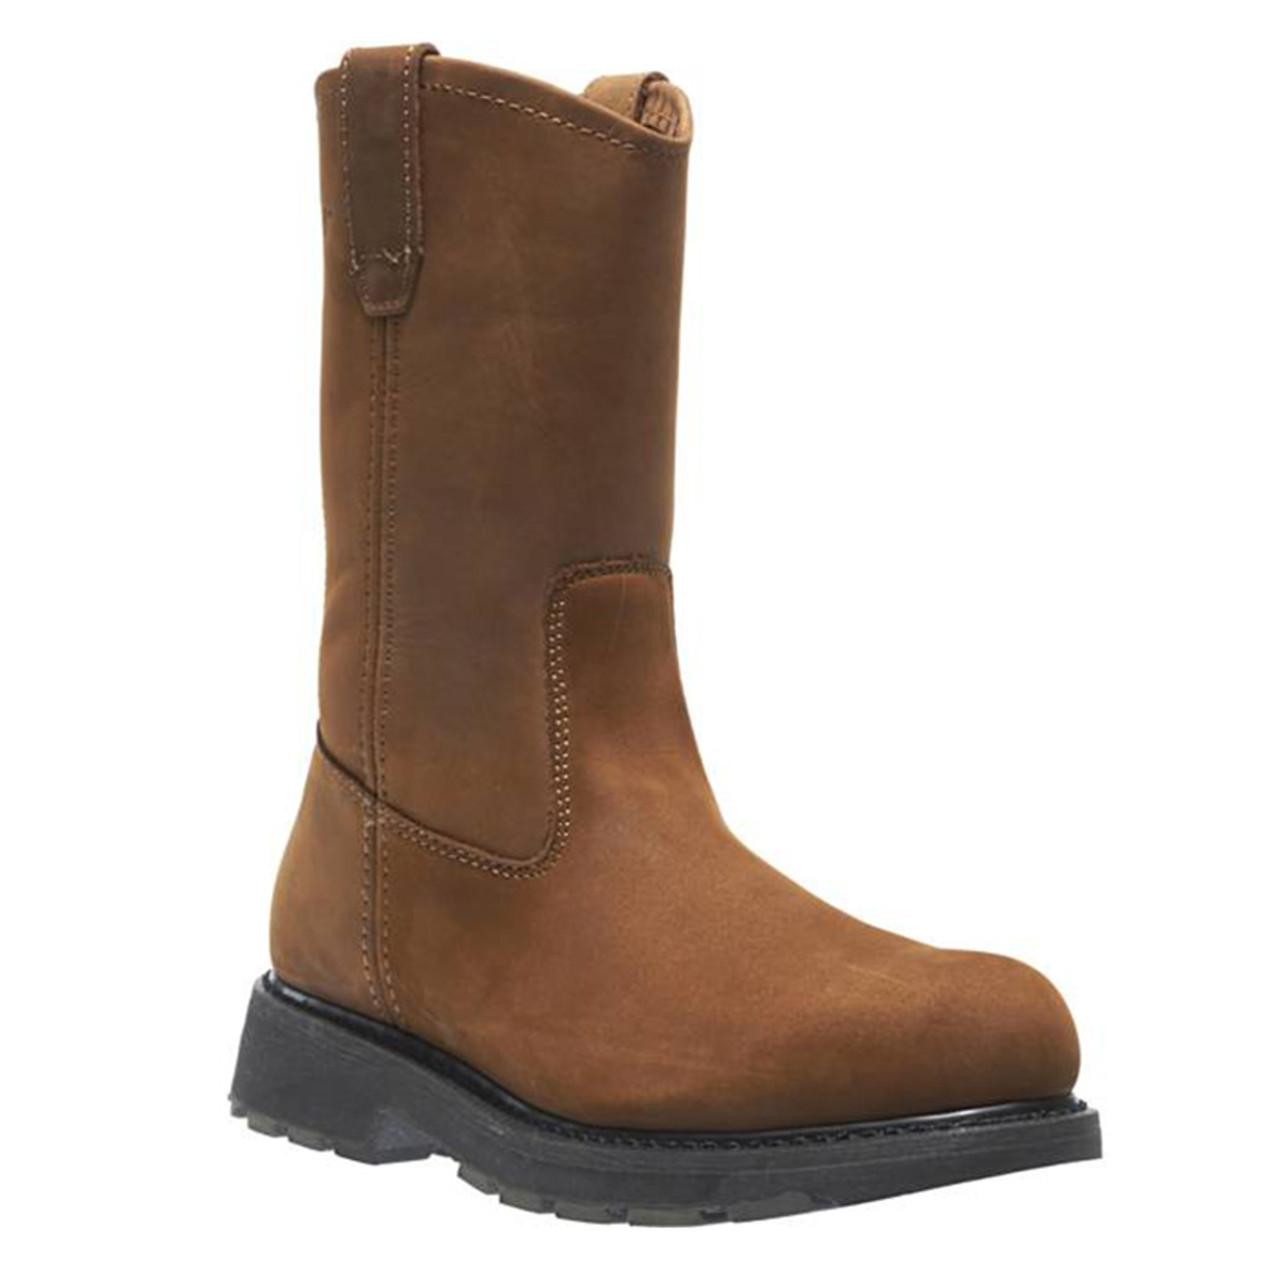 e56e3724f87 Wolverine W04707 DD WORK Steel Toe Wellington Non-Insulated Unlined Boots